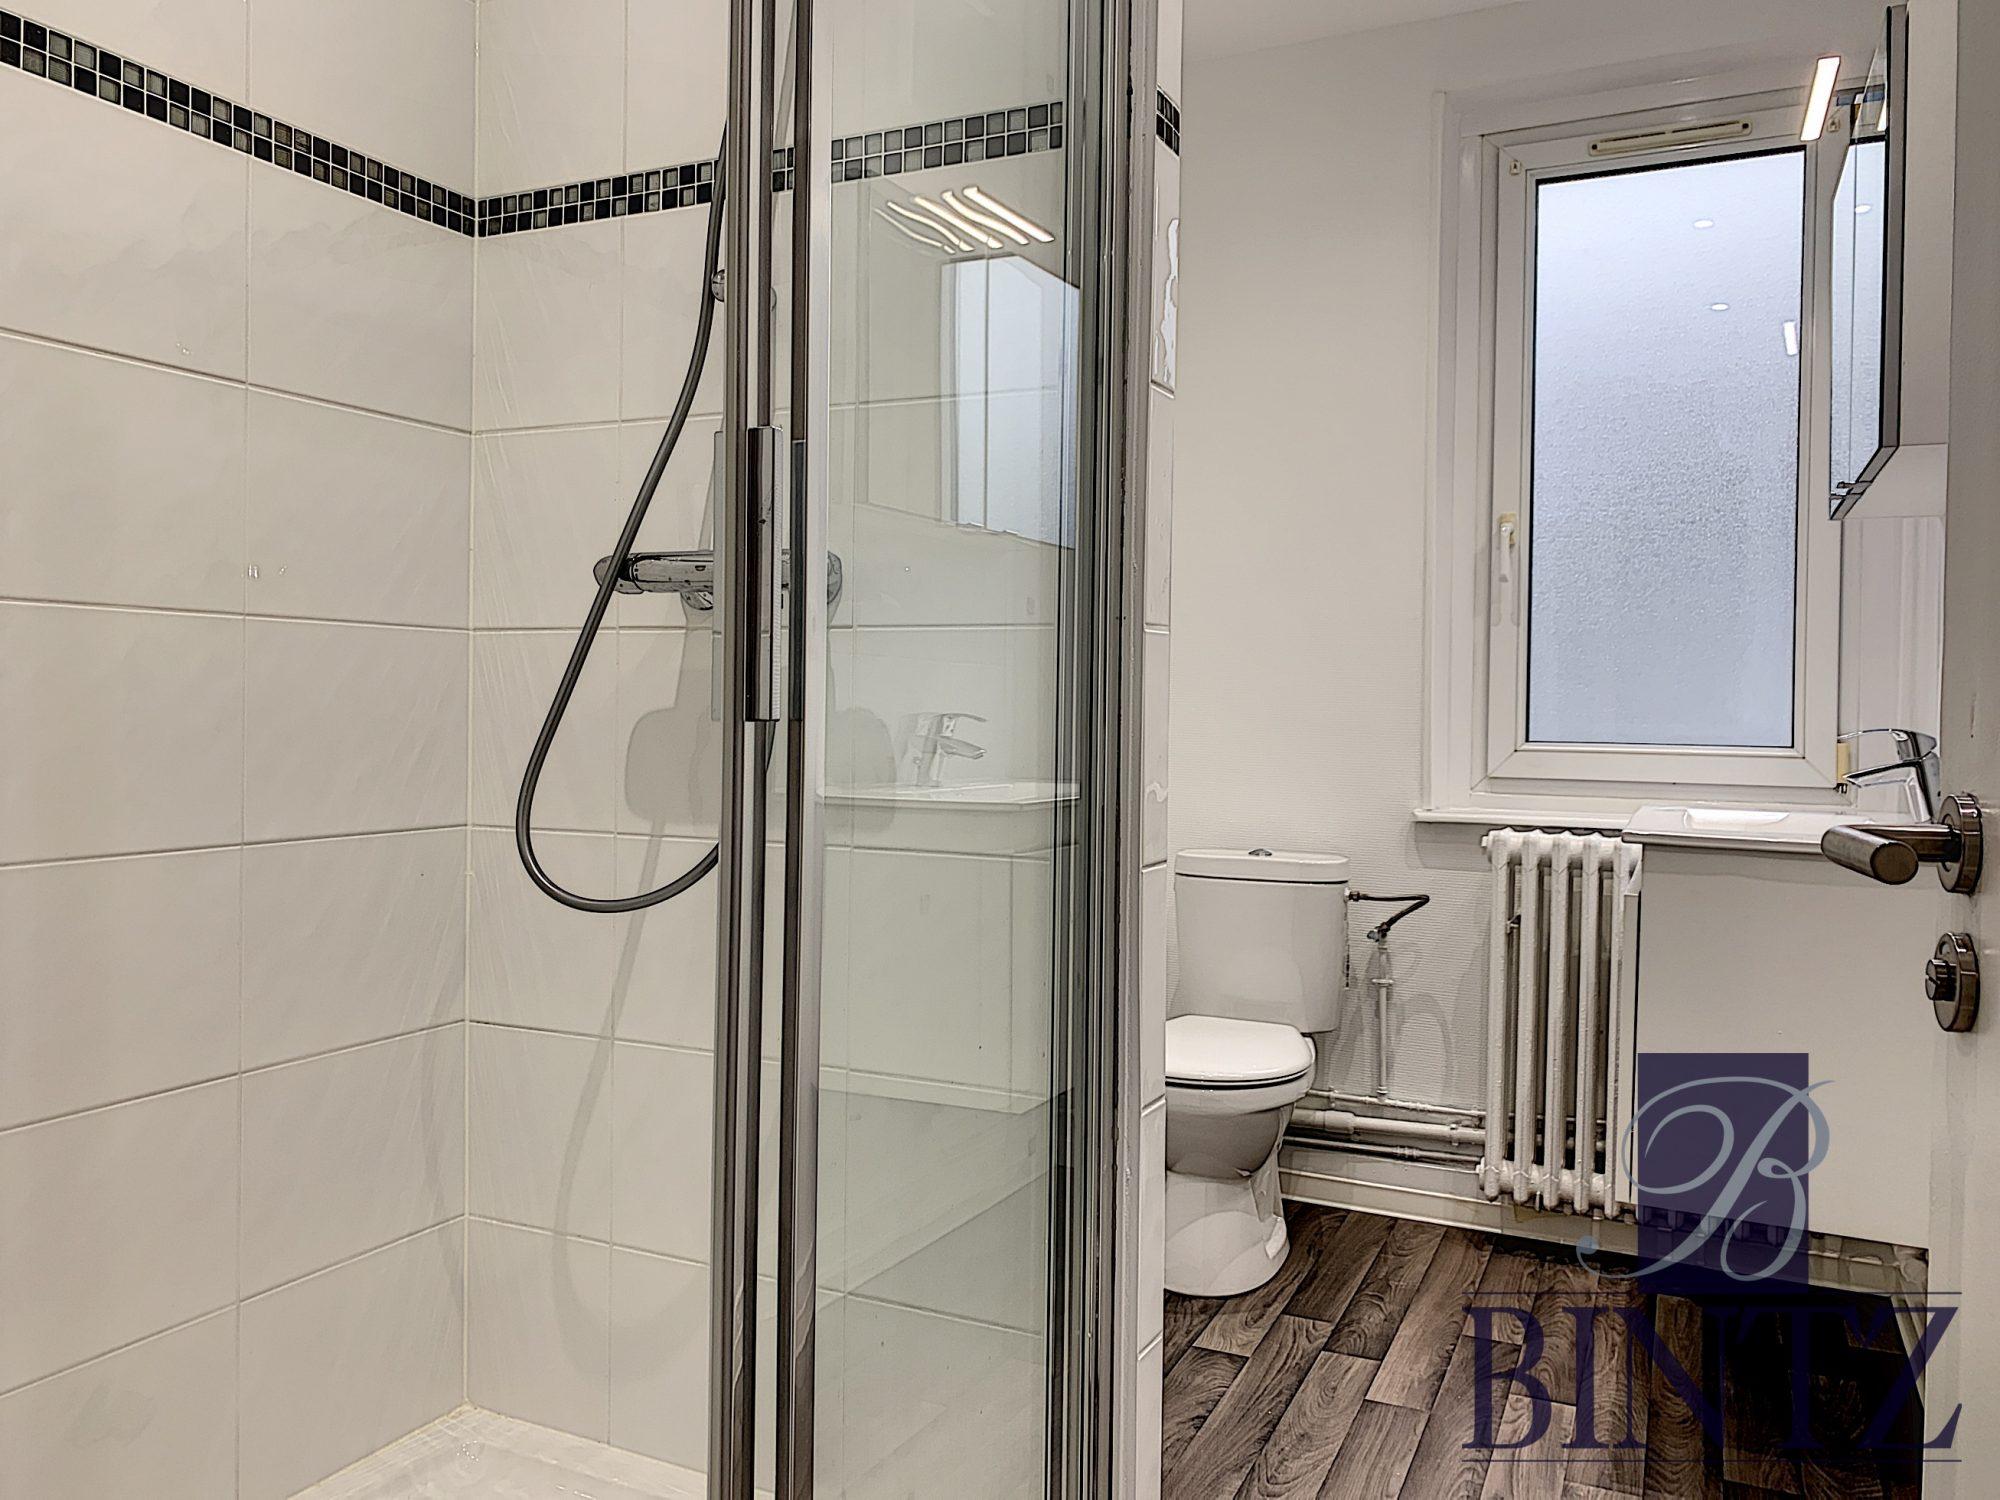 Krutenau – 2 pièces entièrement rénové - Devenez locataire en toute sérénité - Bintz Immobilier - 5